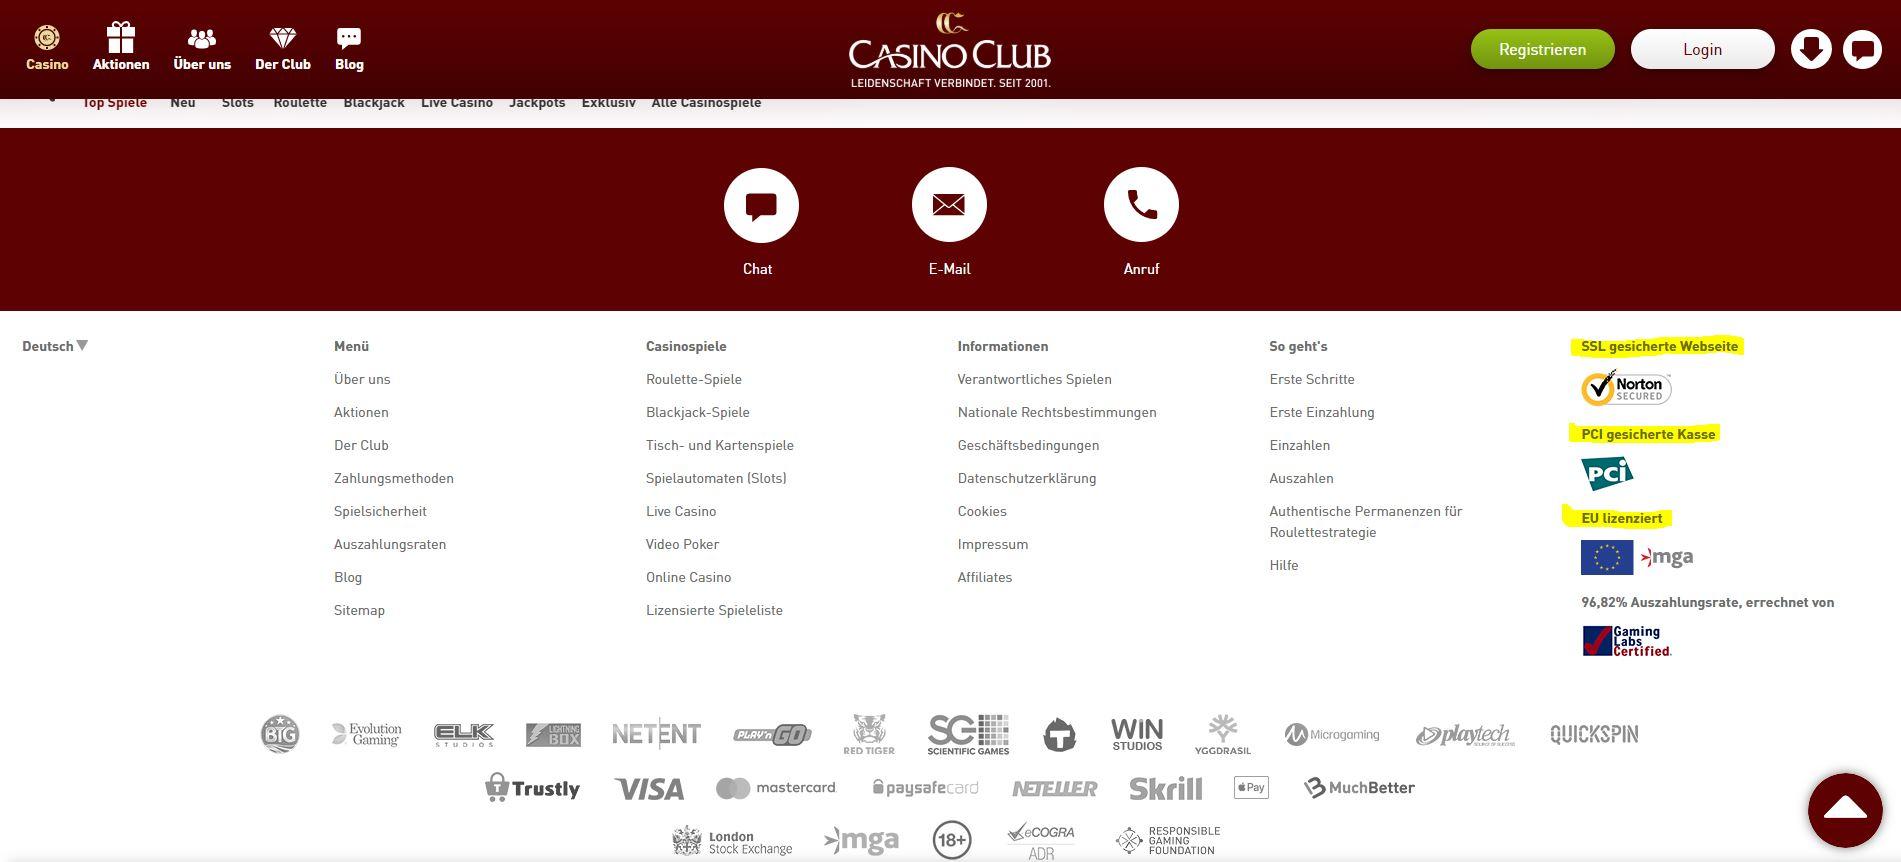 Der Footer des Online Anbieters CasinoClub.